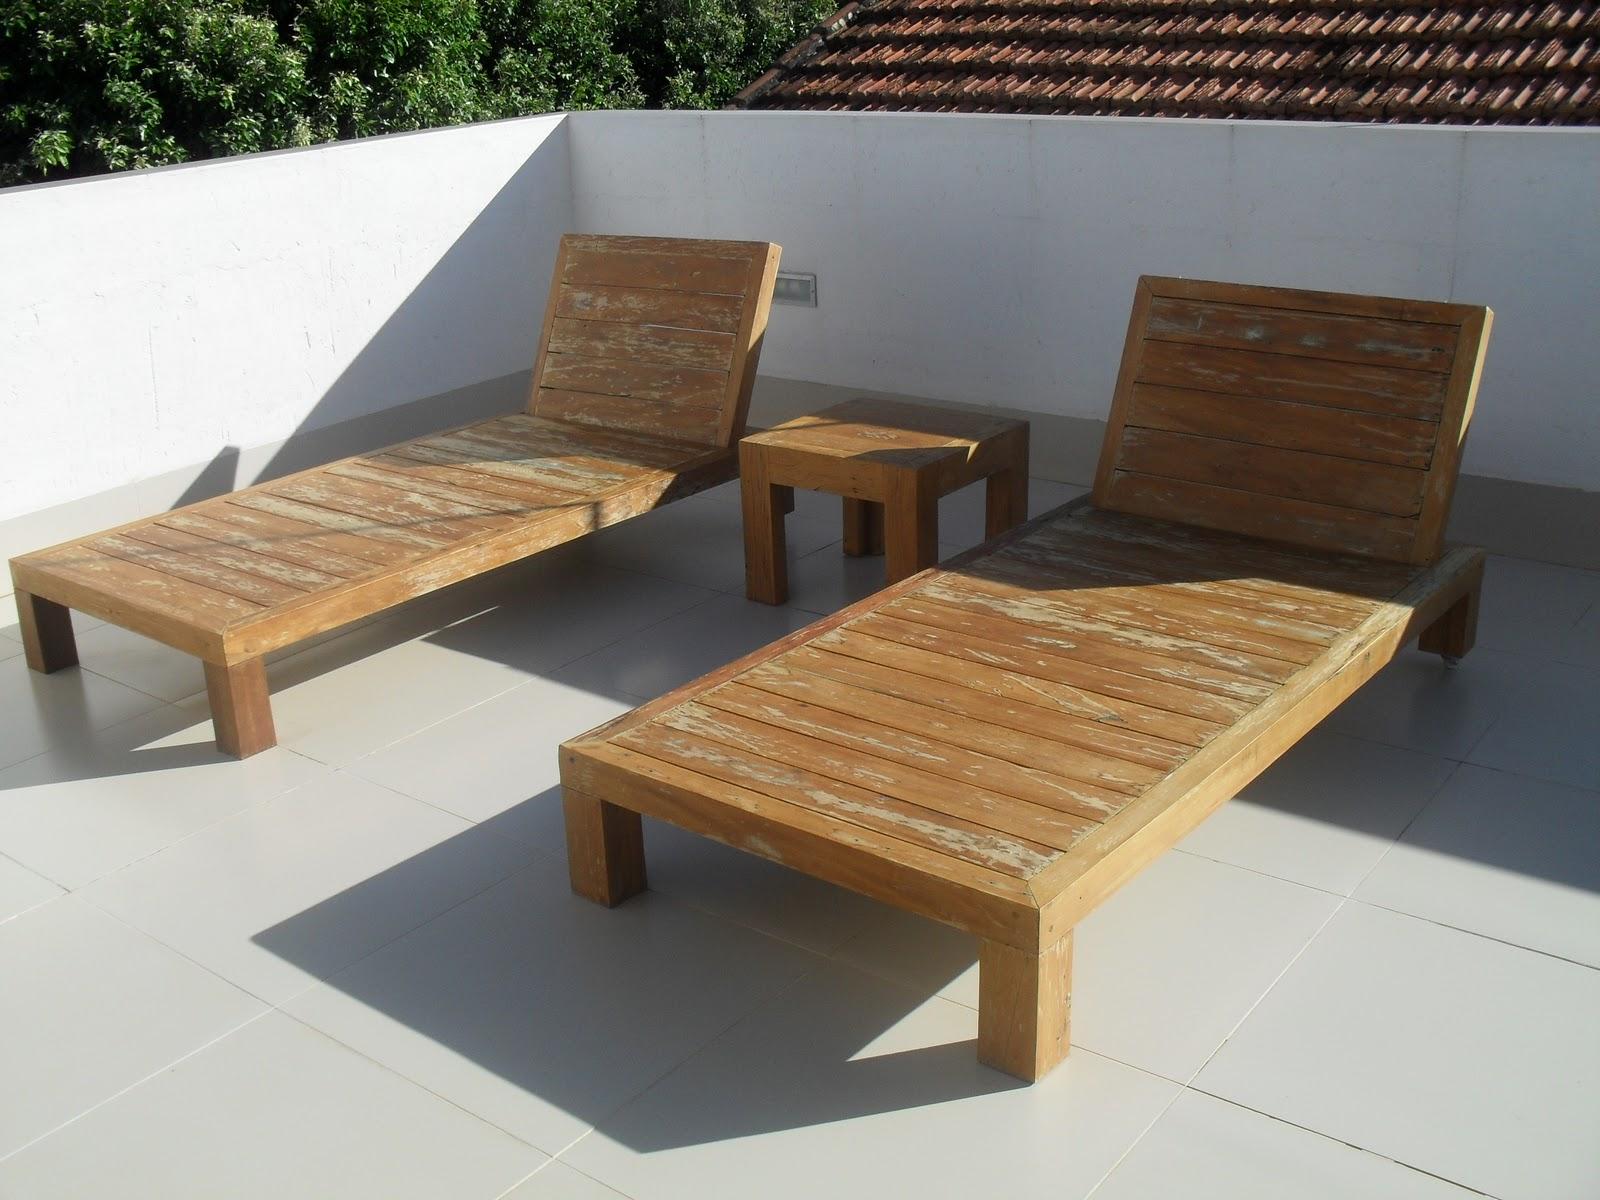 cadeiras geralmente utilizadas para ser postas na beira de piscinas #937238 1600x1200